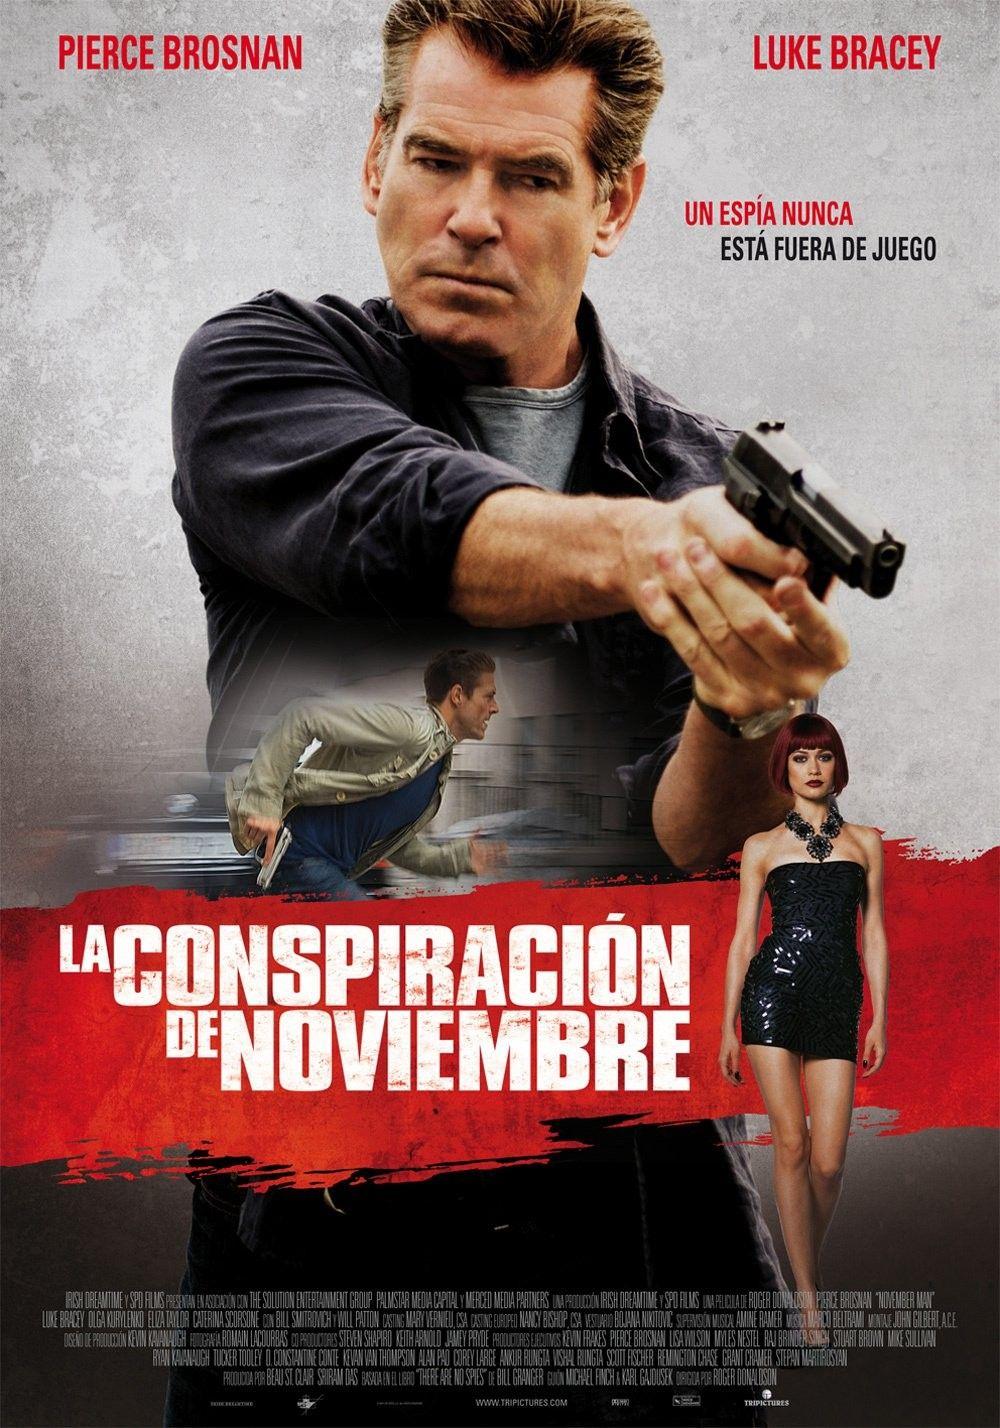 Ver La conspiración de noviembre Online Gratis 2014 HD